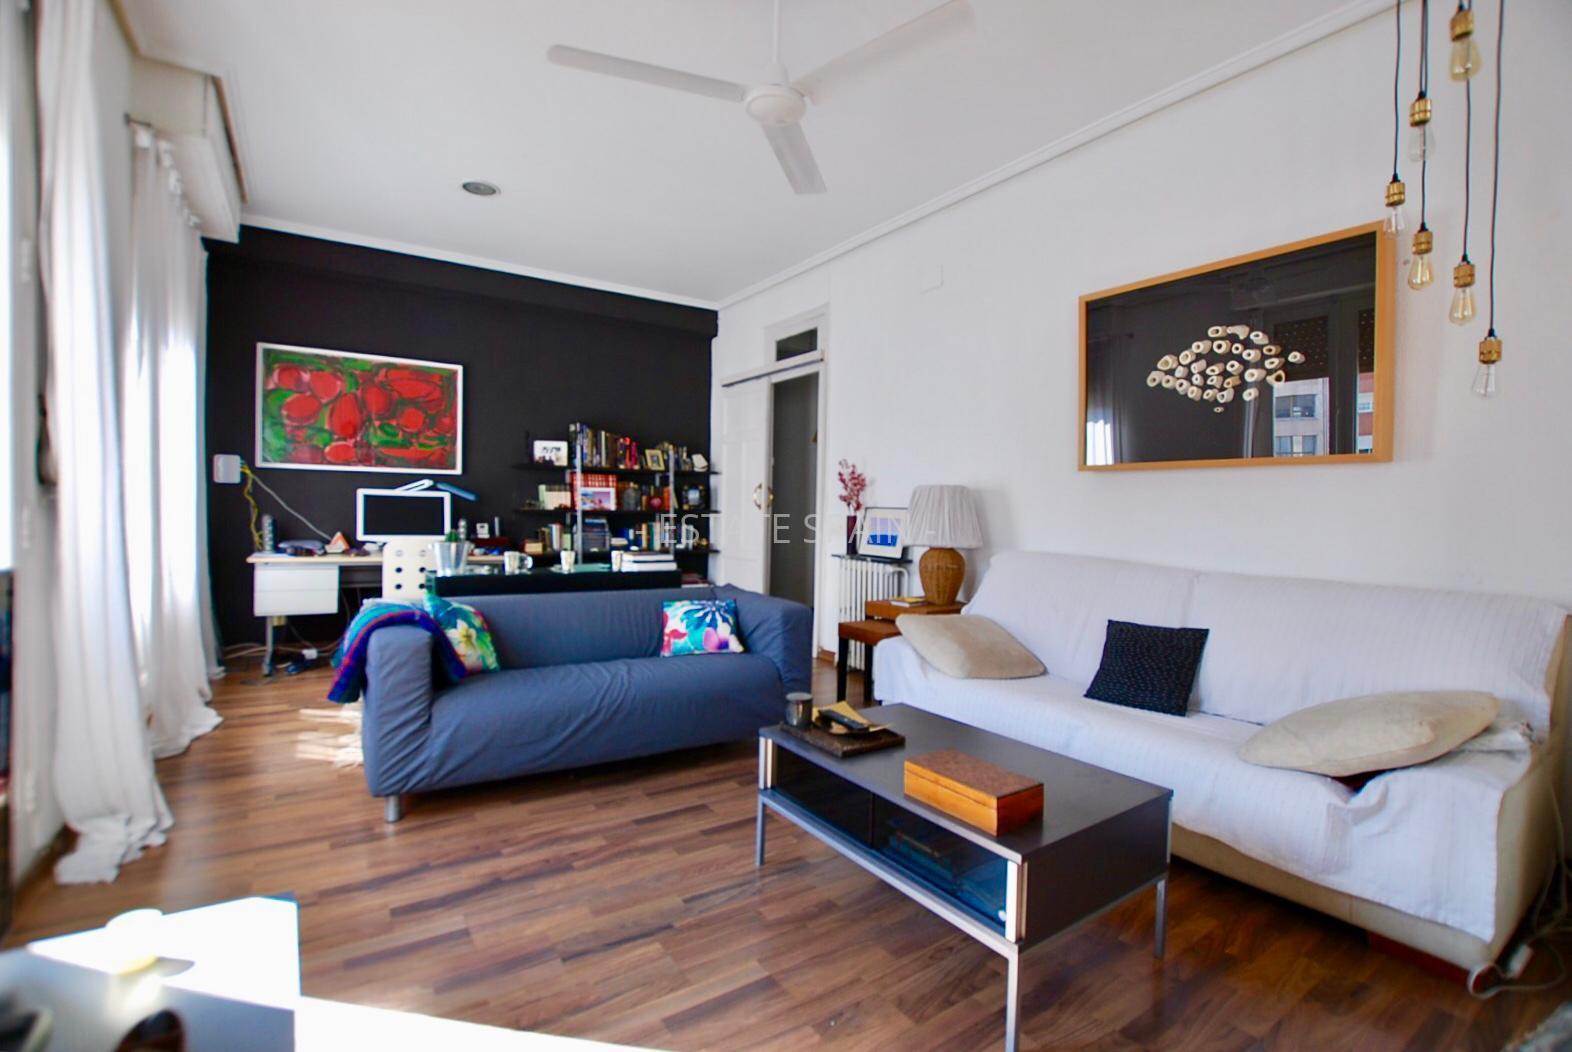 Купить апартаменты в валенсии купить квартиру за границей у моря недорого в рублях